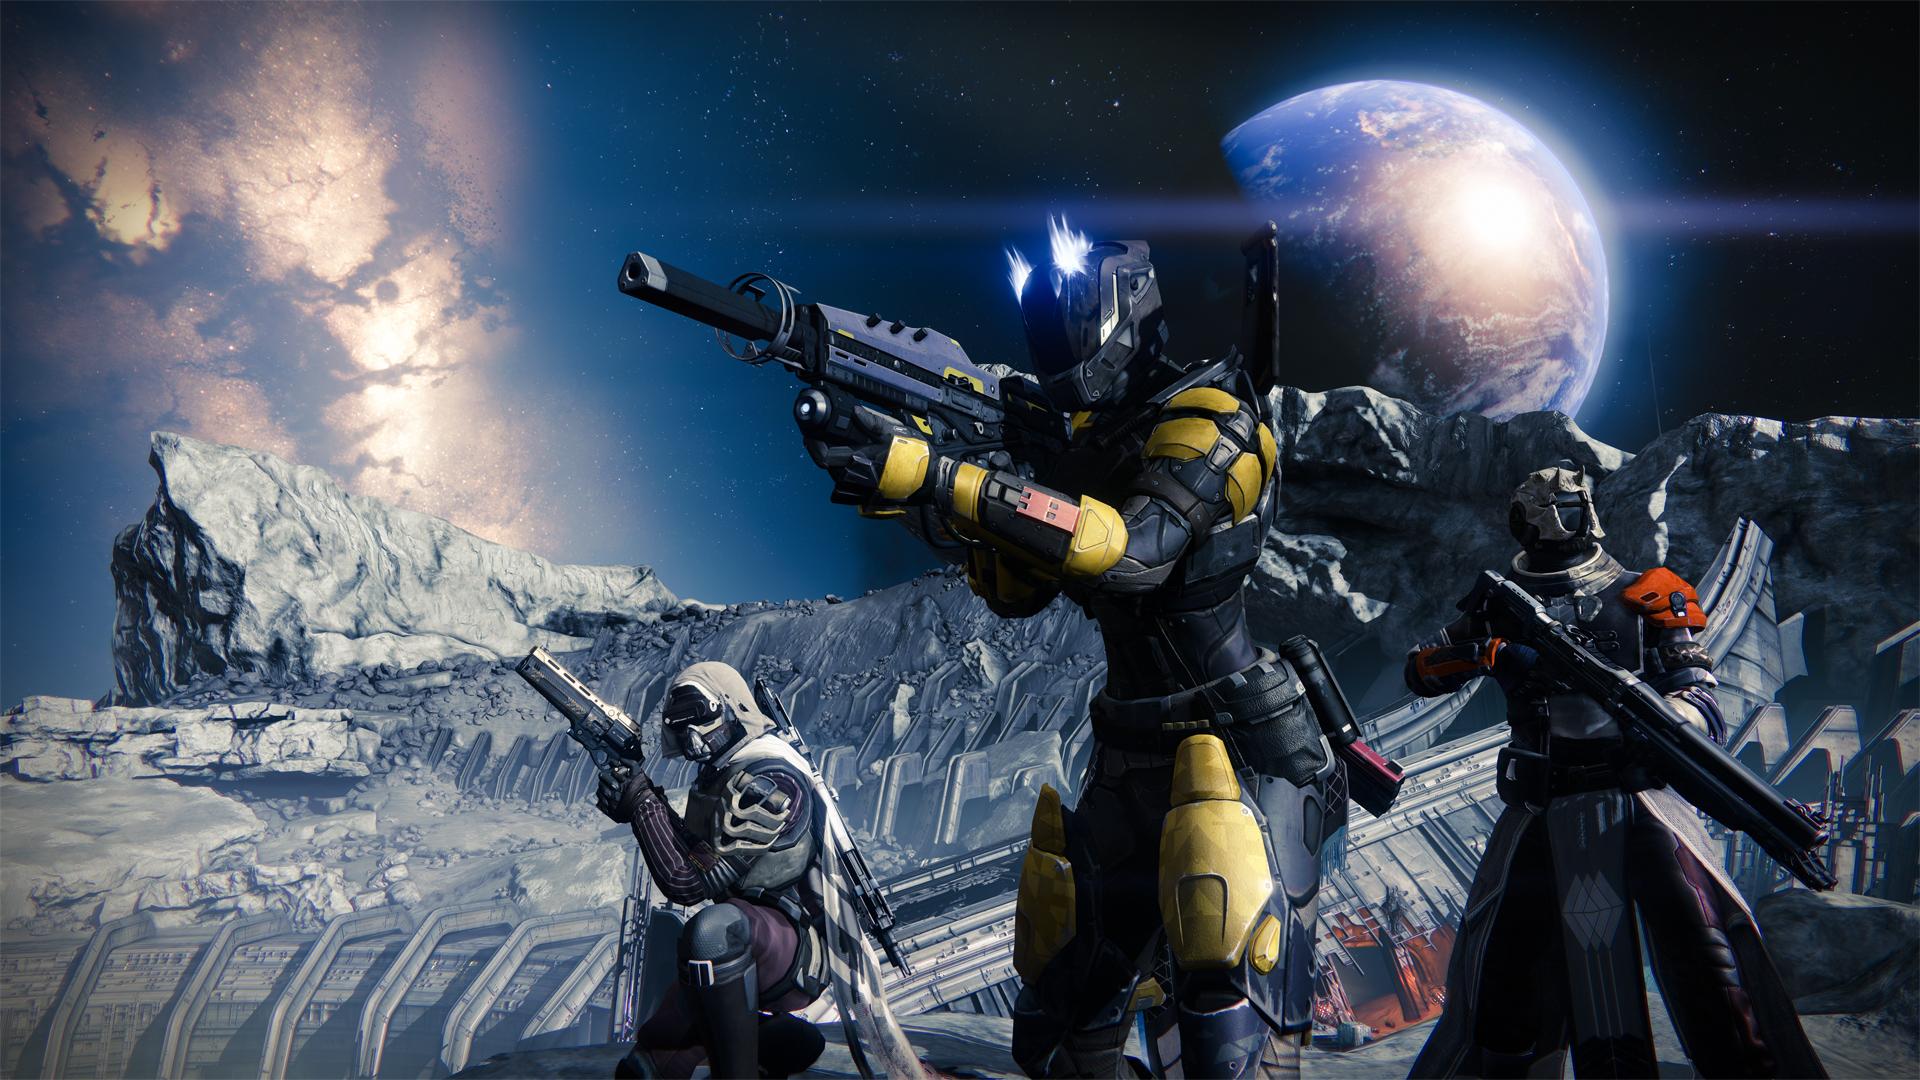 Boj na Měsíci v podání Destiny 88417